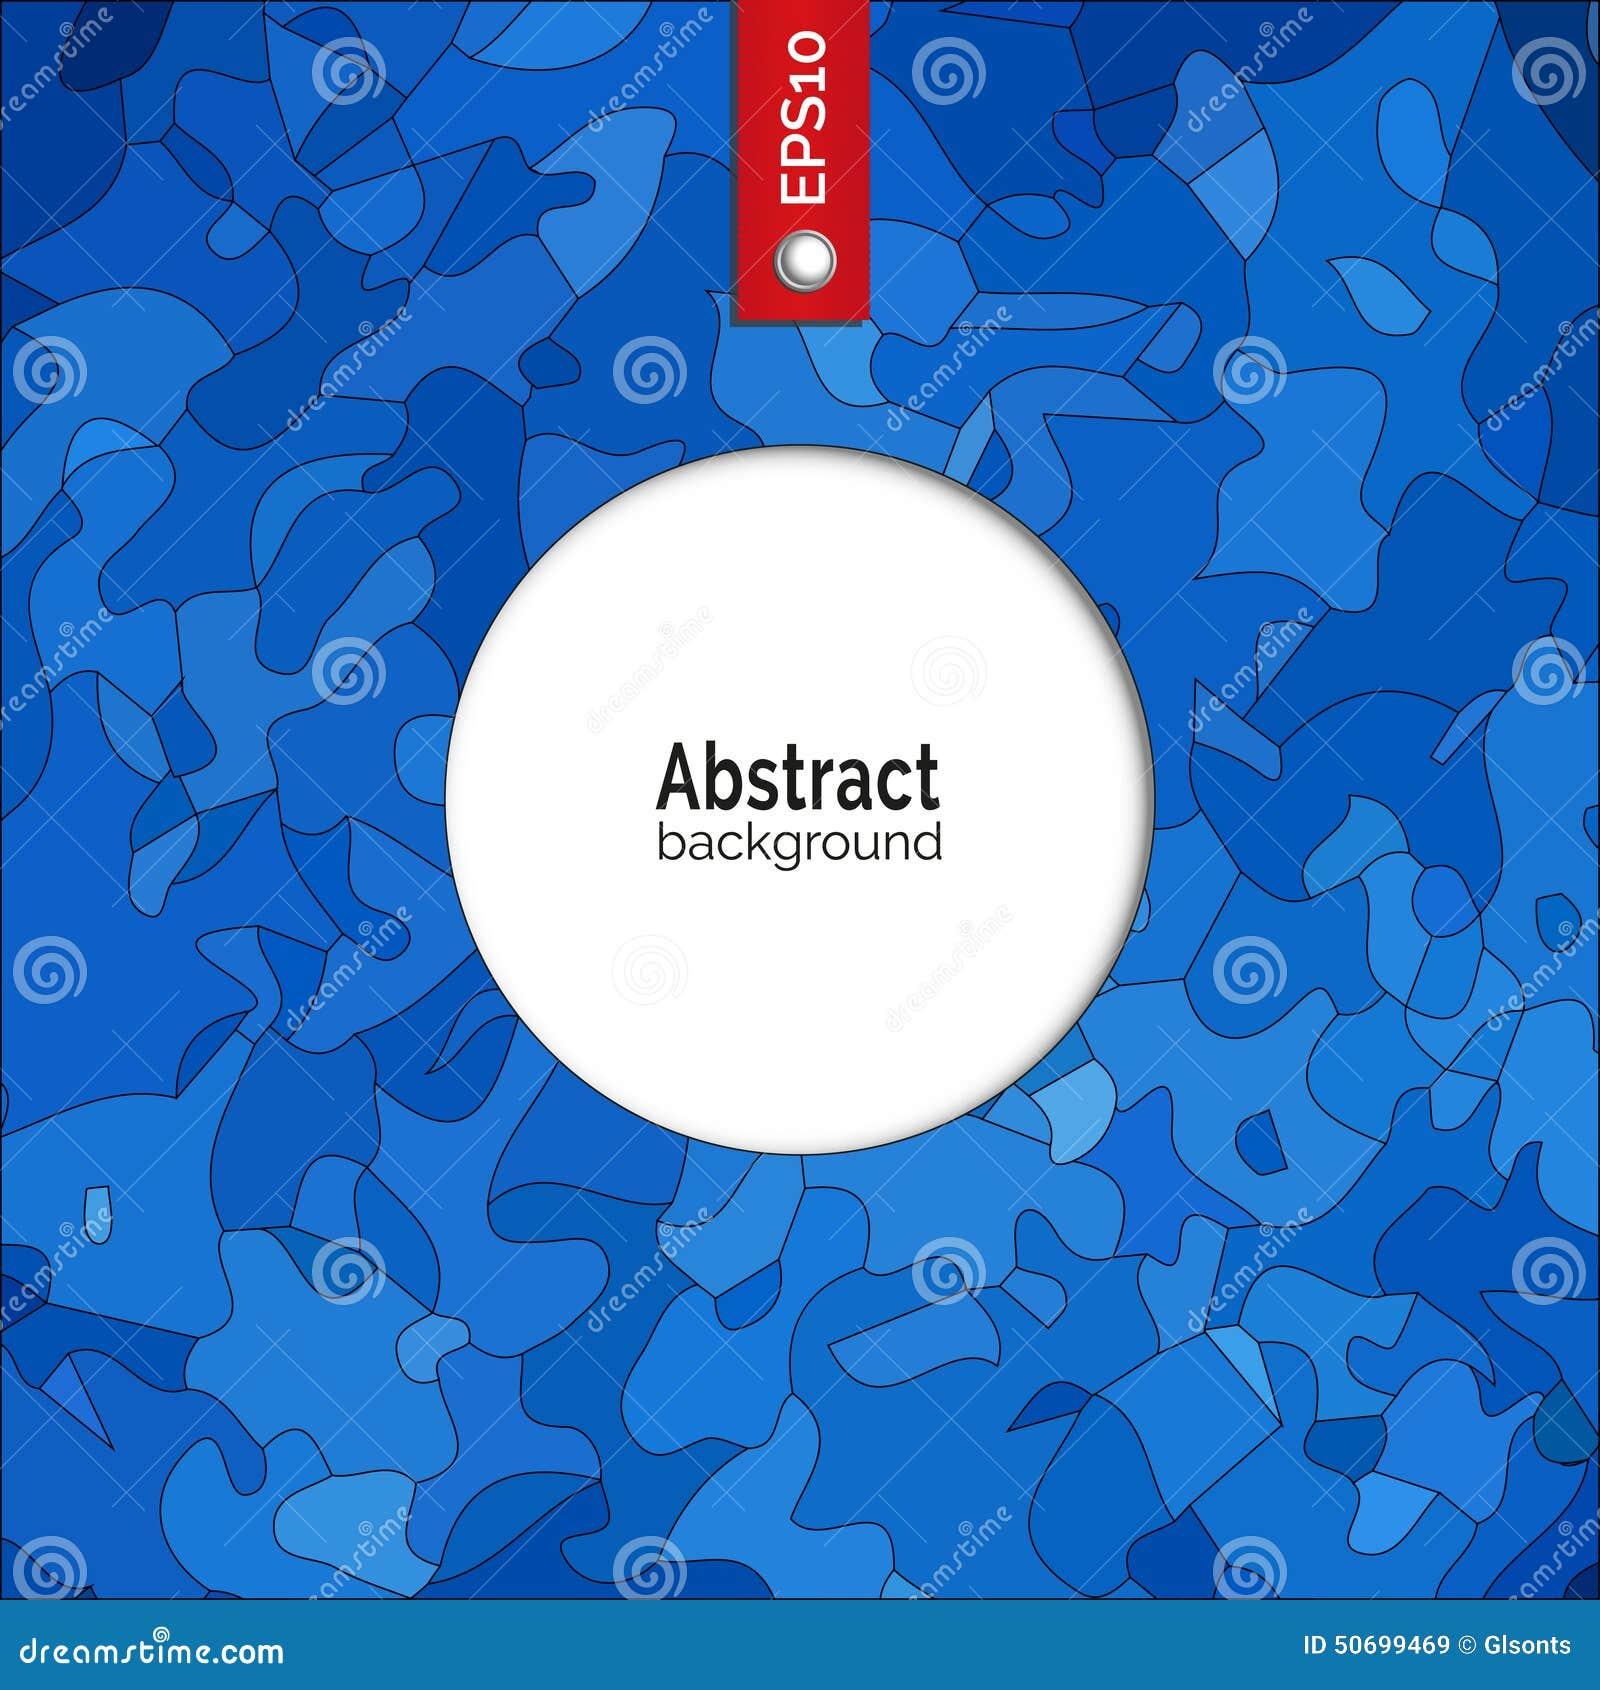 Pochodzenie wektora abstrakcyjne Szablon dla korporacyjnej tożsamości, reklama, plakat, wydarzenie w błękitnym kolorze